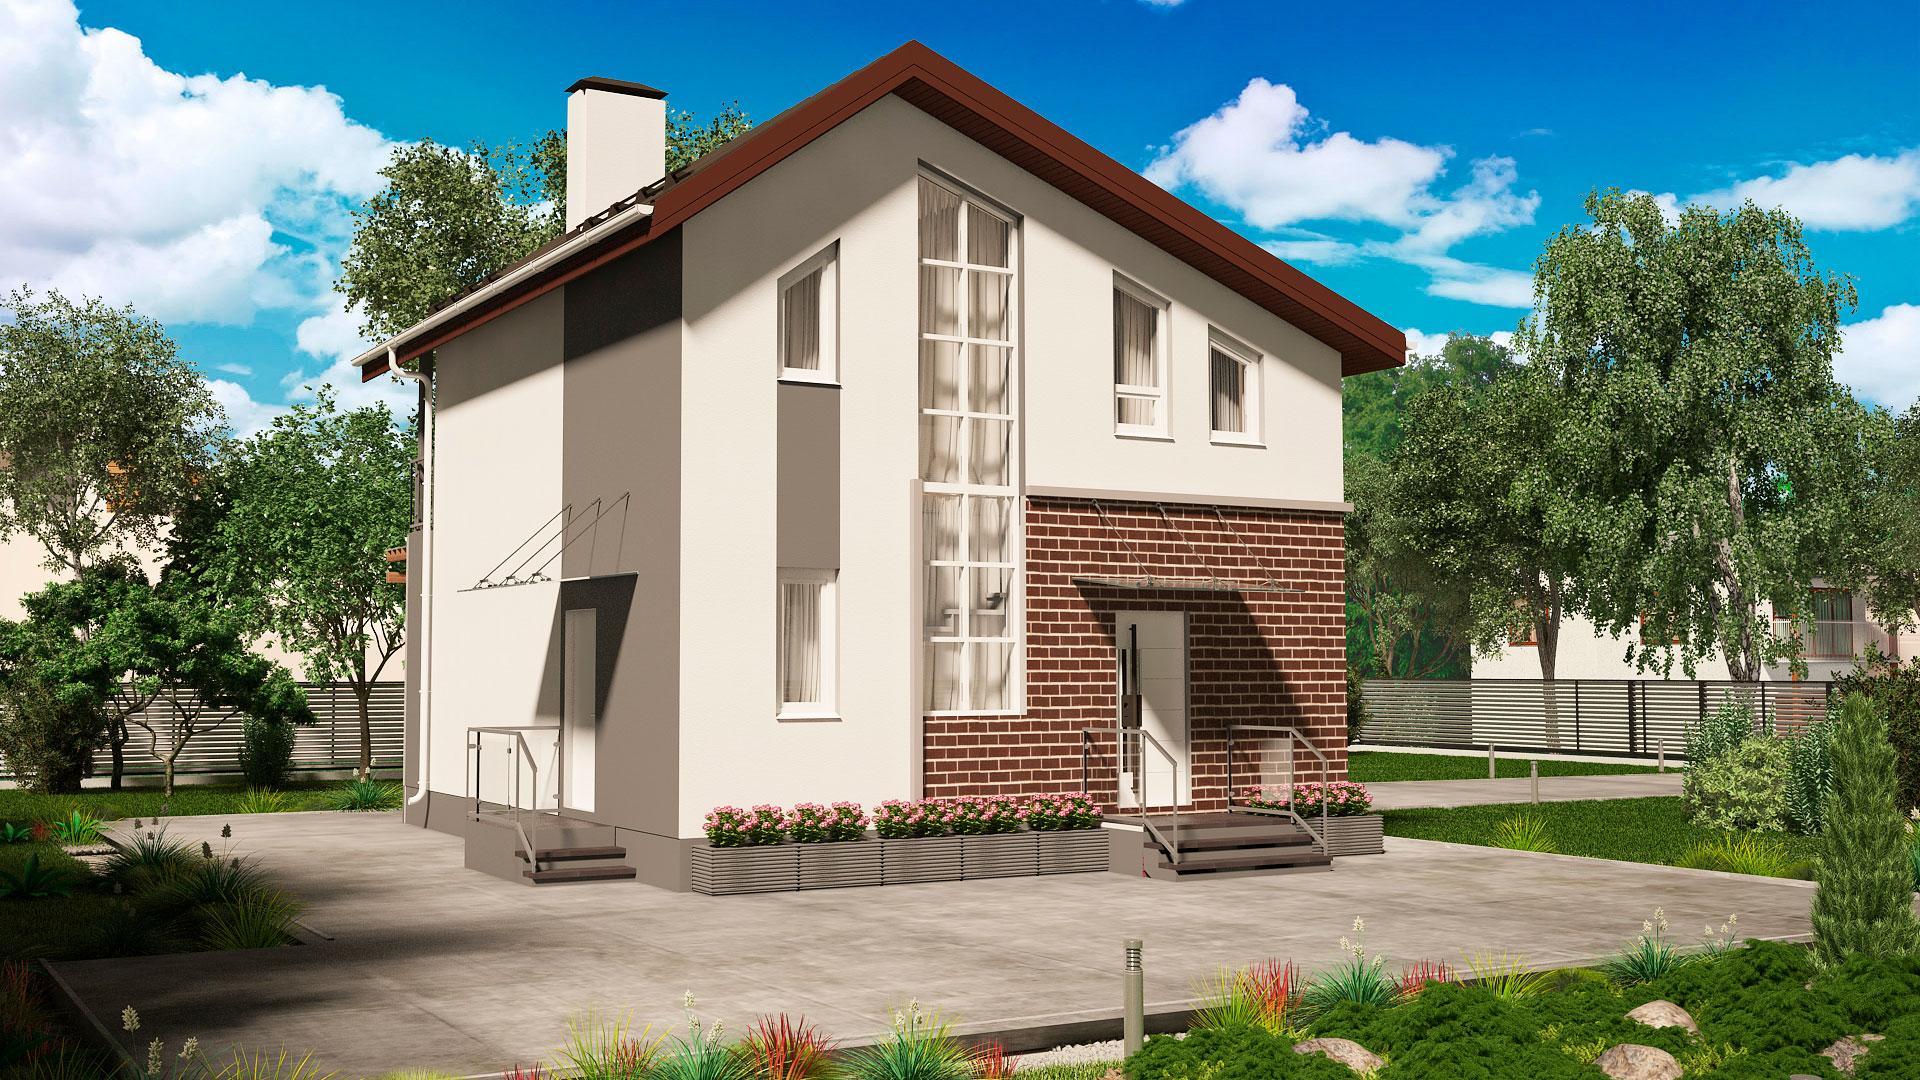 Передний фасад двухэтажного дома, проект БЭНПАН МС-146/1.